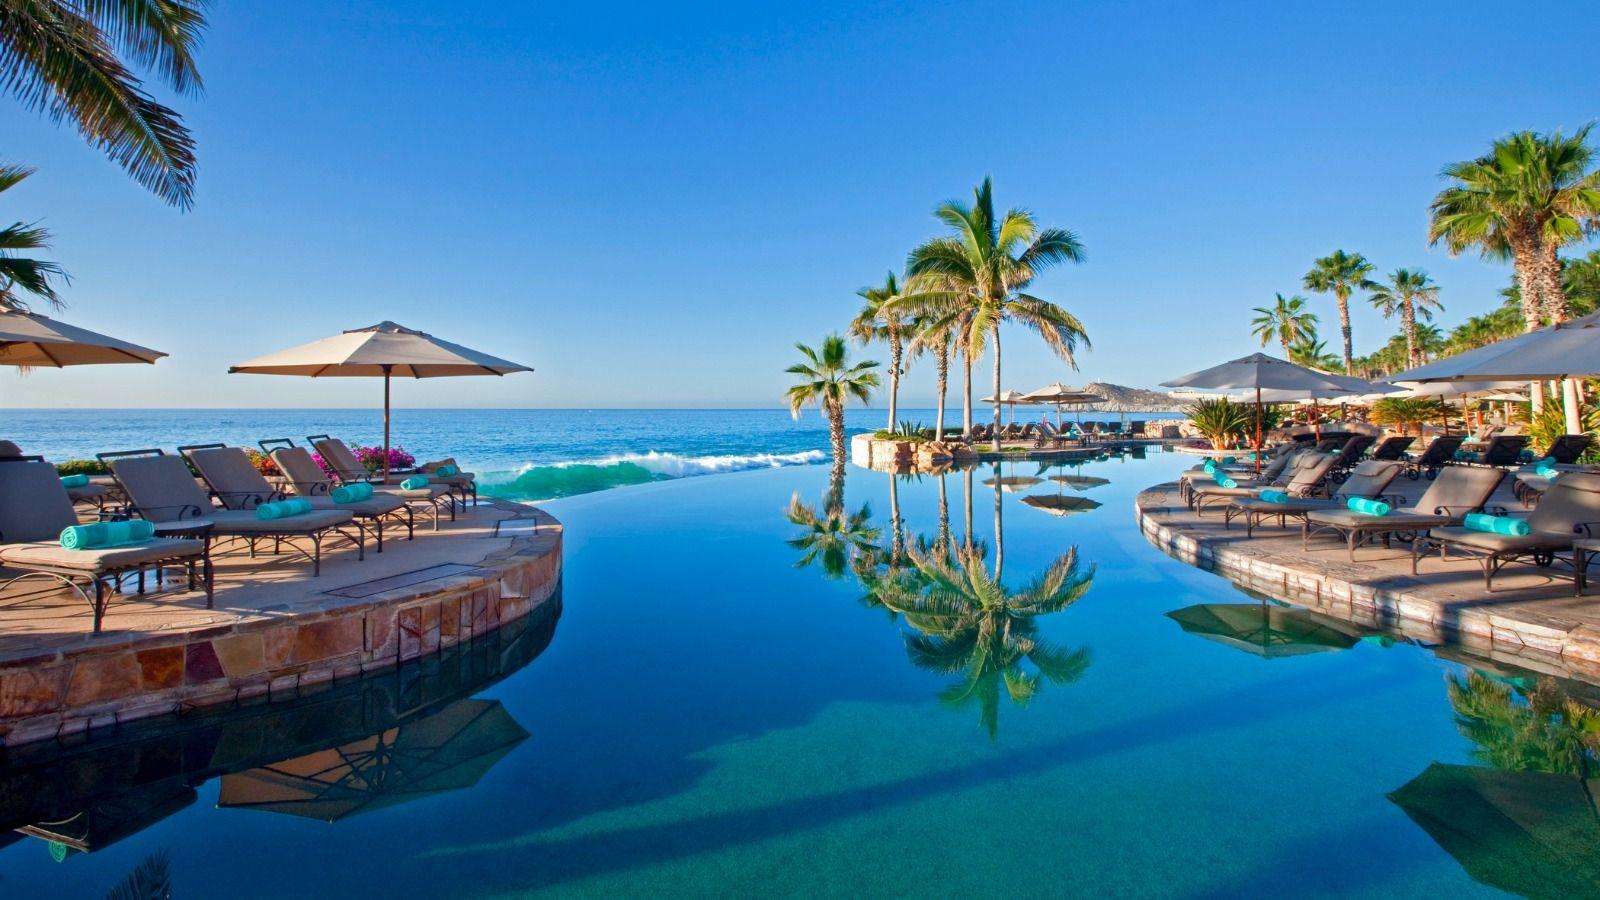 Infinity Pool at the Hacienda del Mar Los Cabos Resort - Villas - Golf